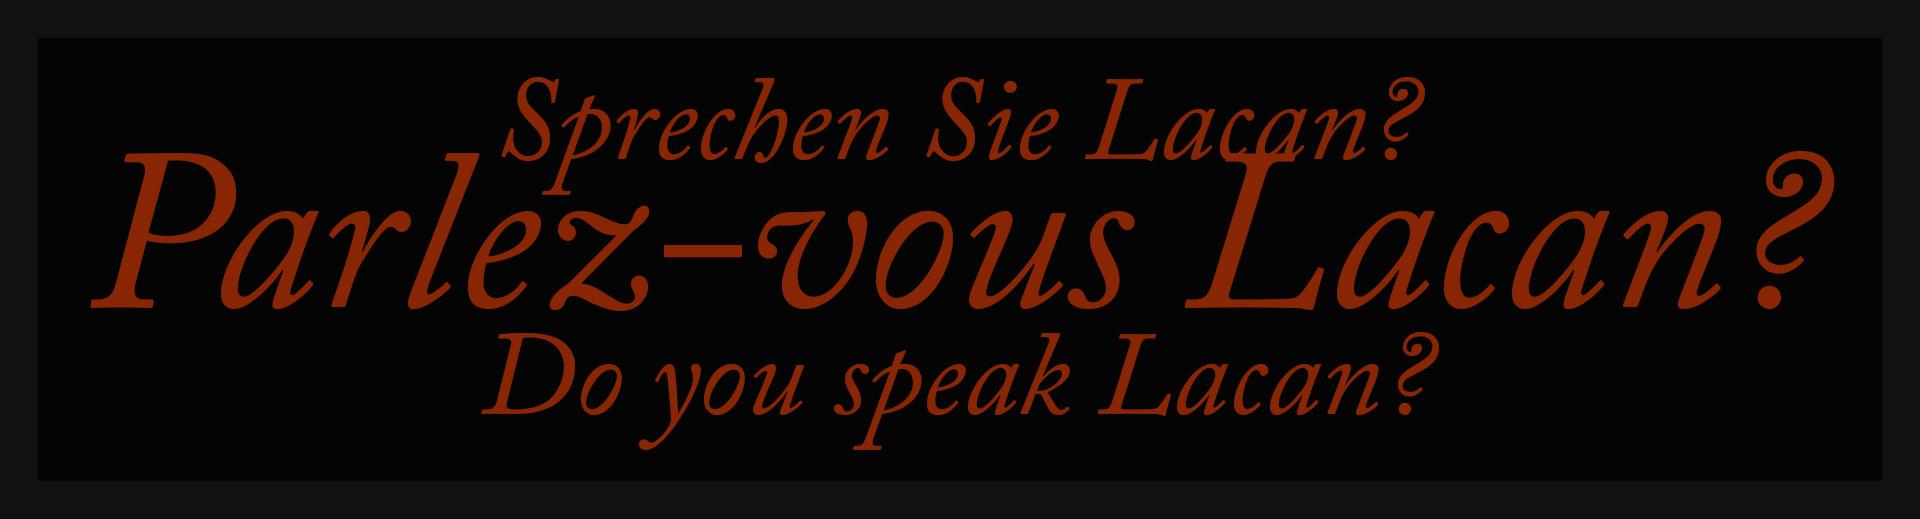 Parlez-vous Lacan